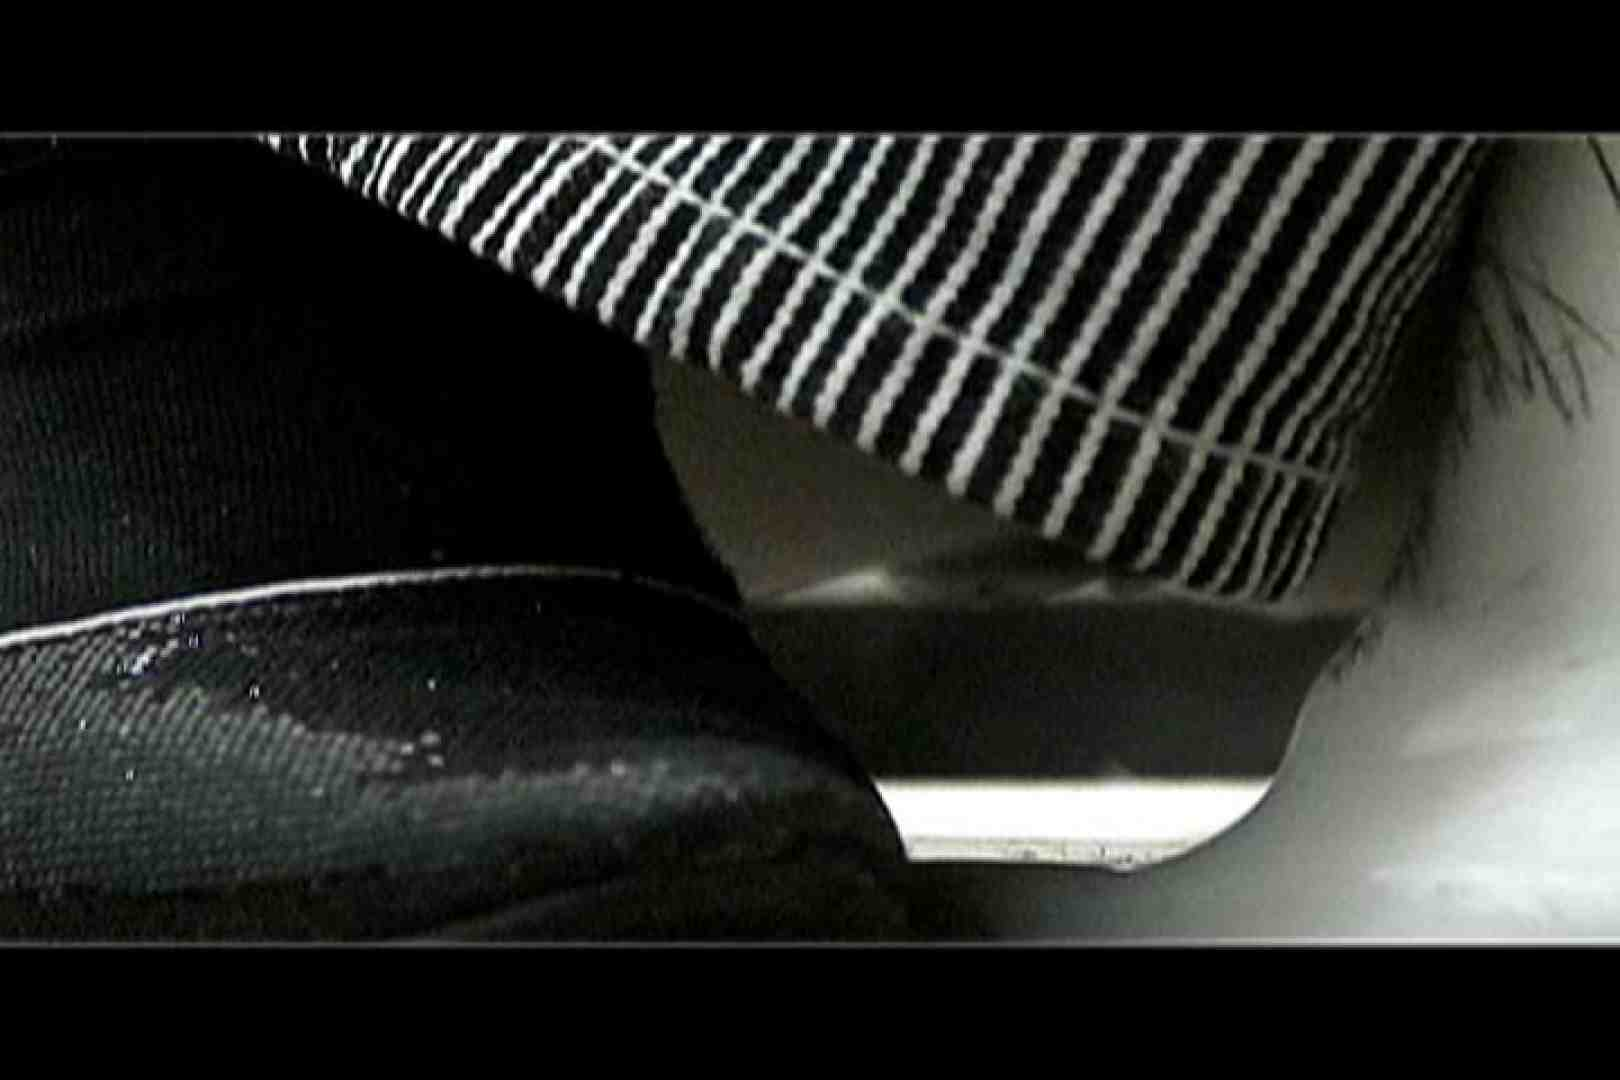 マンコ丸見え女子洗面所Vol.7 美しいOLの裸体 オメコ無修正動画無料 105pic 58